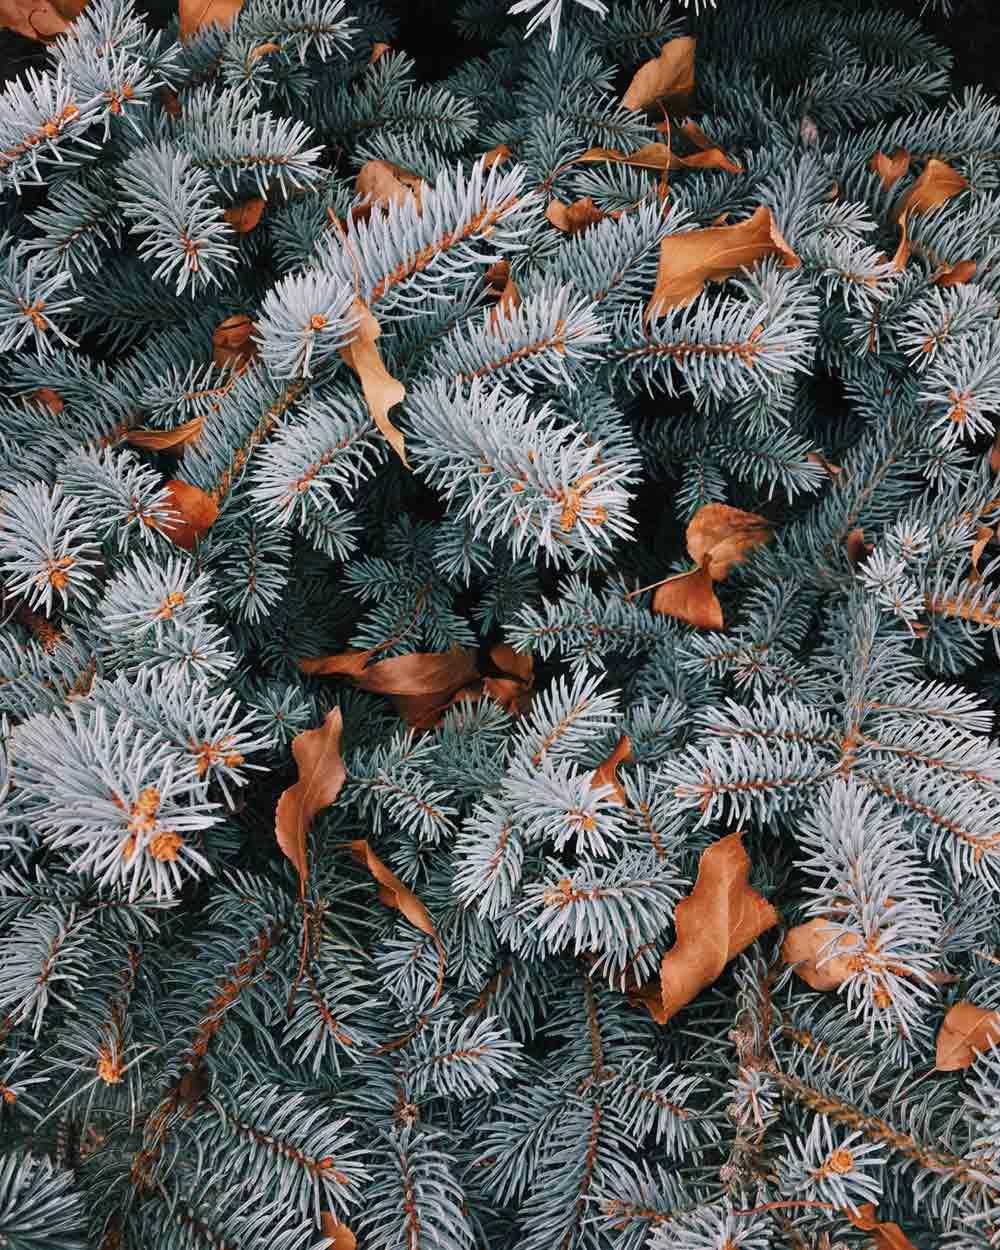 idee-per-vetrine-invernali,-aghi-di-pino-per-decorazioni-invernali